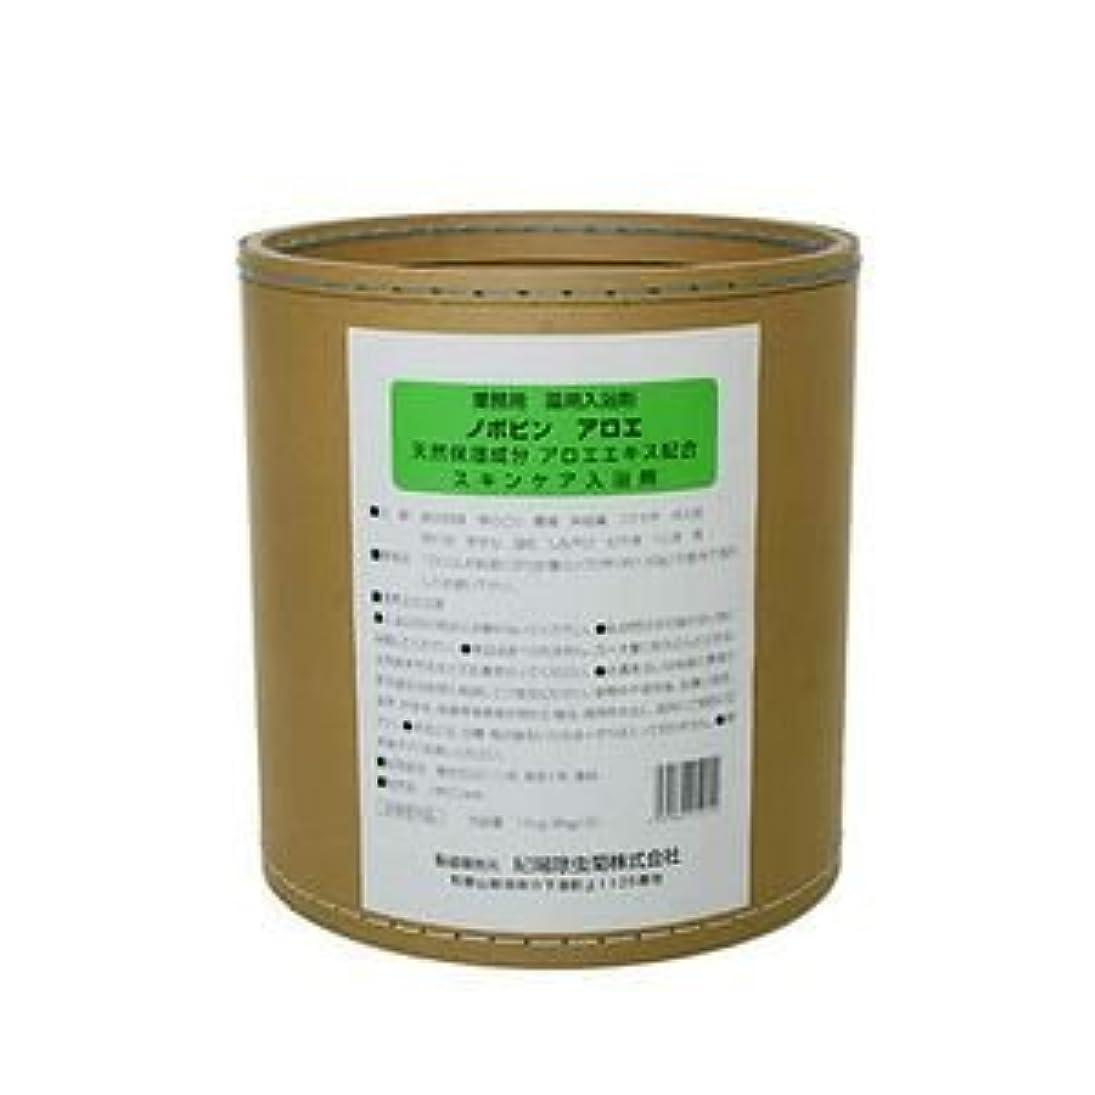 怒り復活果てしない業務用 バス 入浴剤 ノボピン アロエ 16kg(8kg+2)